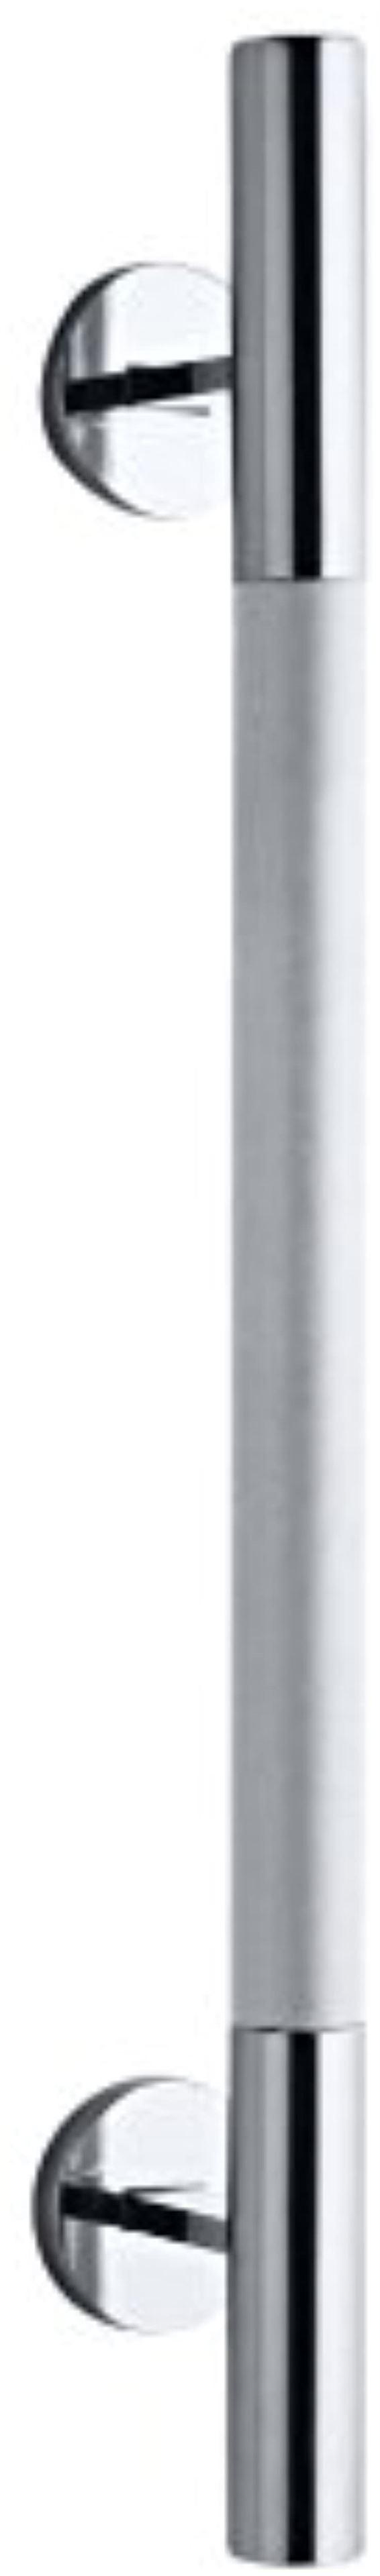 インテリア・バー コンテンポラリ I型 ホワイト YHR600W#NW1(#NW1(ホワイト))